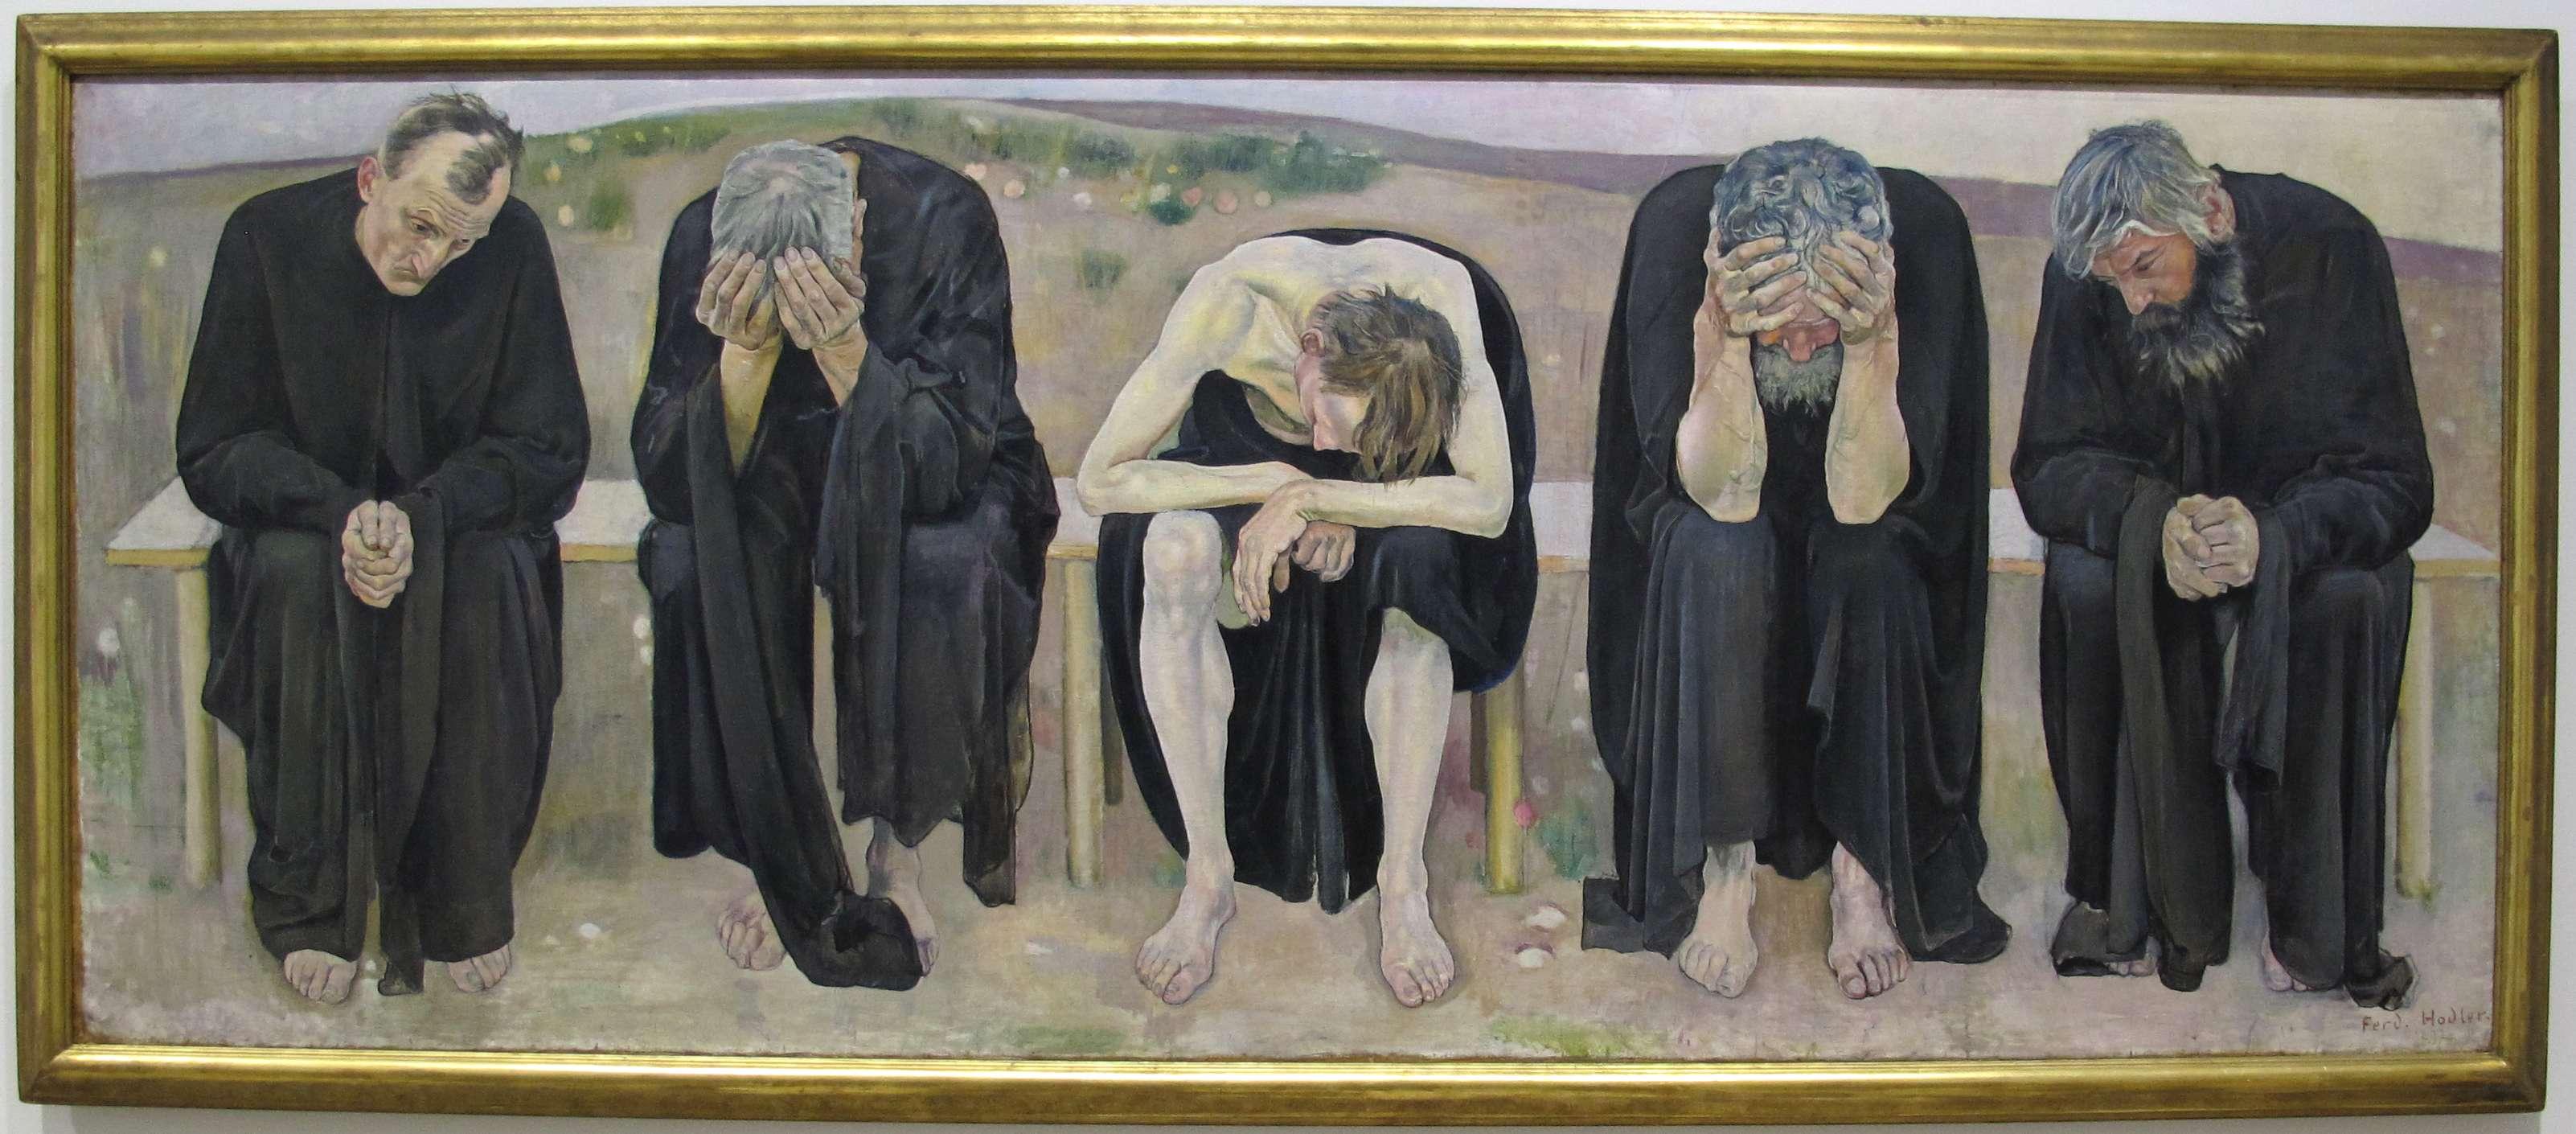 Φέρντιναντ Χόντλερ (Ferdinand Hodler, Βέρνη, 14 Μαρτίου 1853 - Γενεύη, 19 Μαΐου 1918). Οι απελπισμένες ψυχές, 1892, Βέρνη, Kunstmuseum.